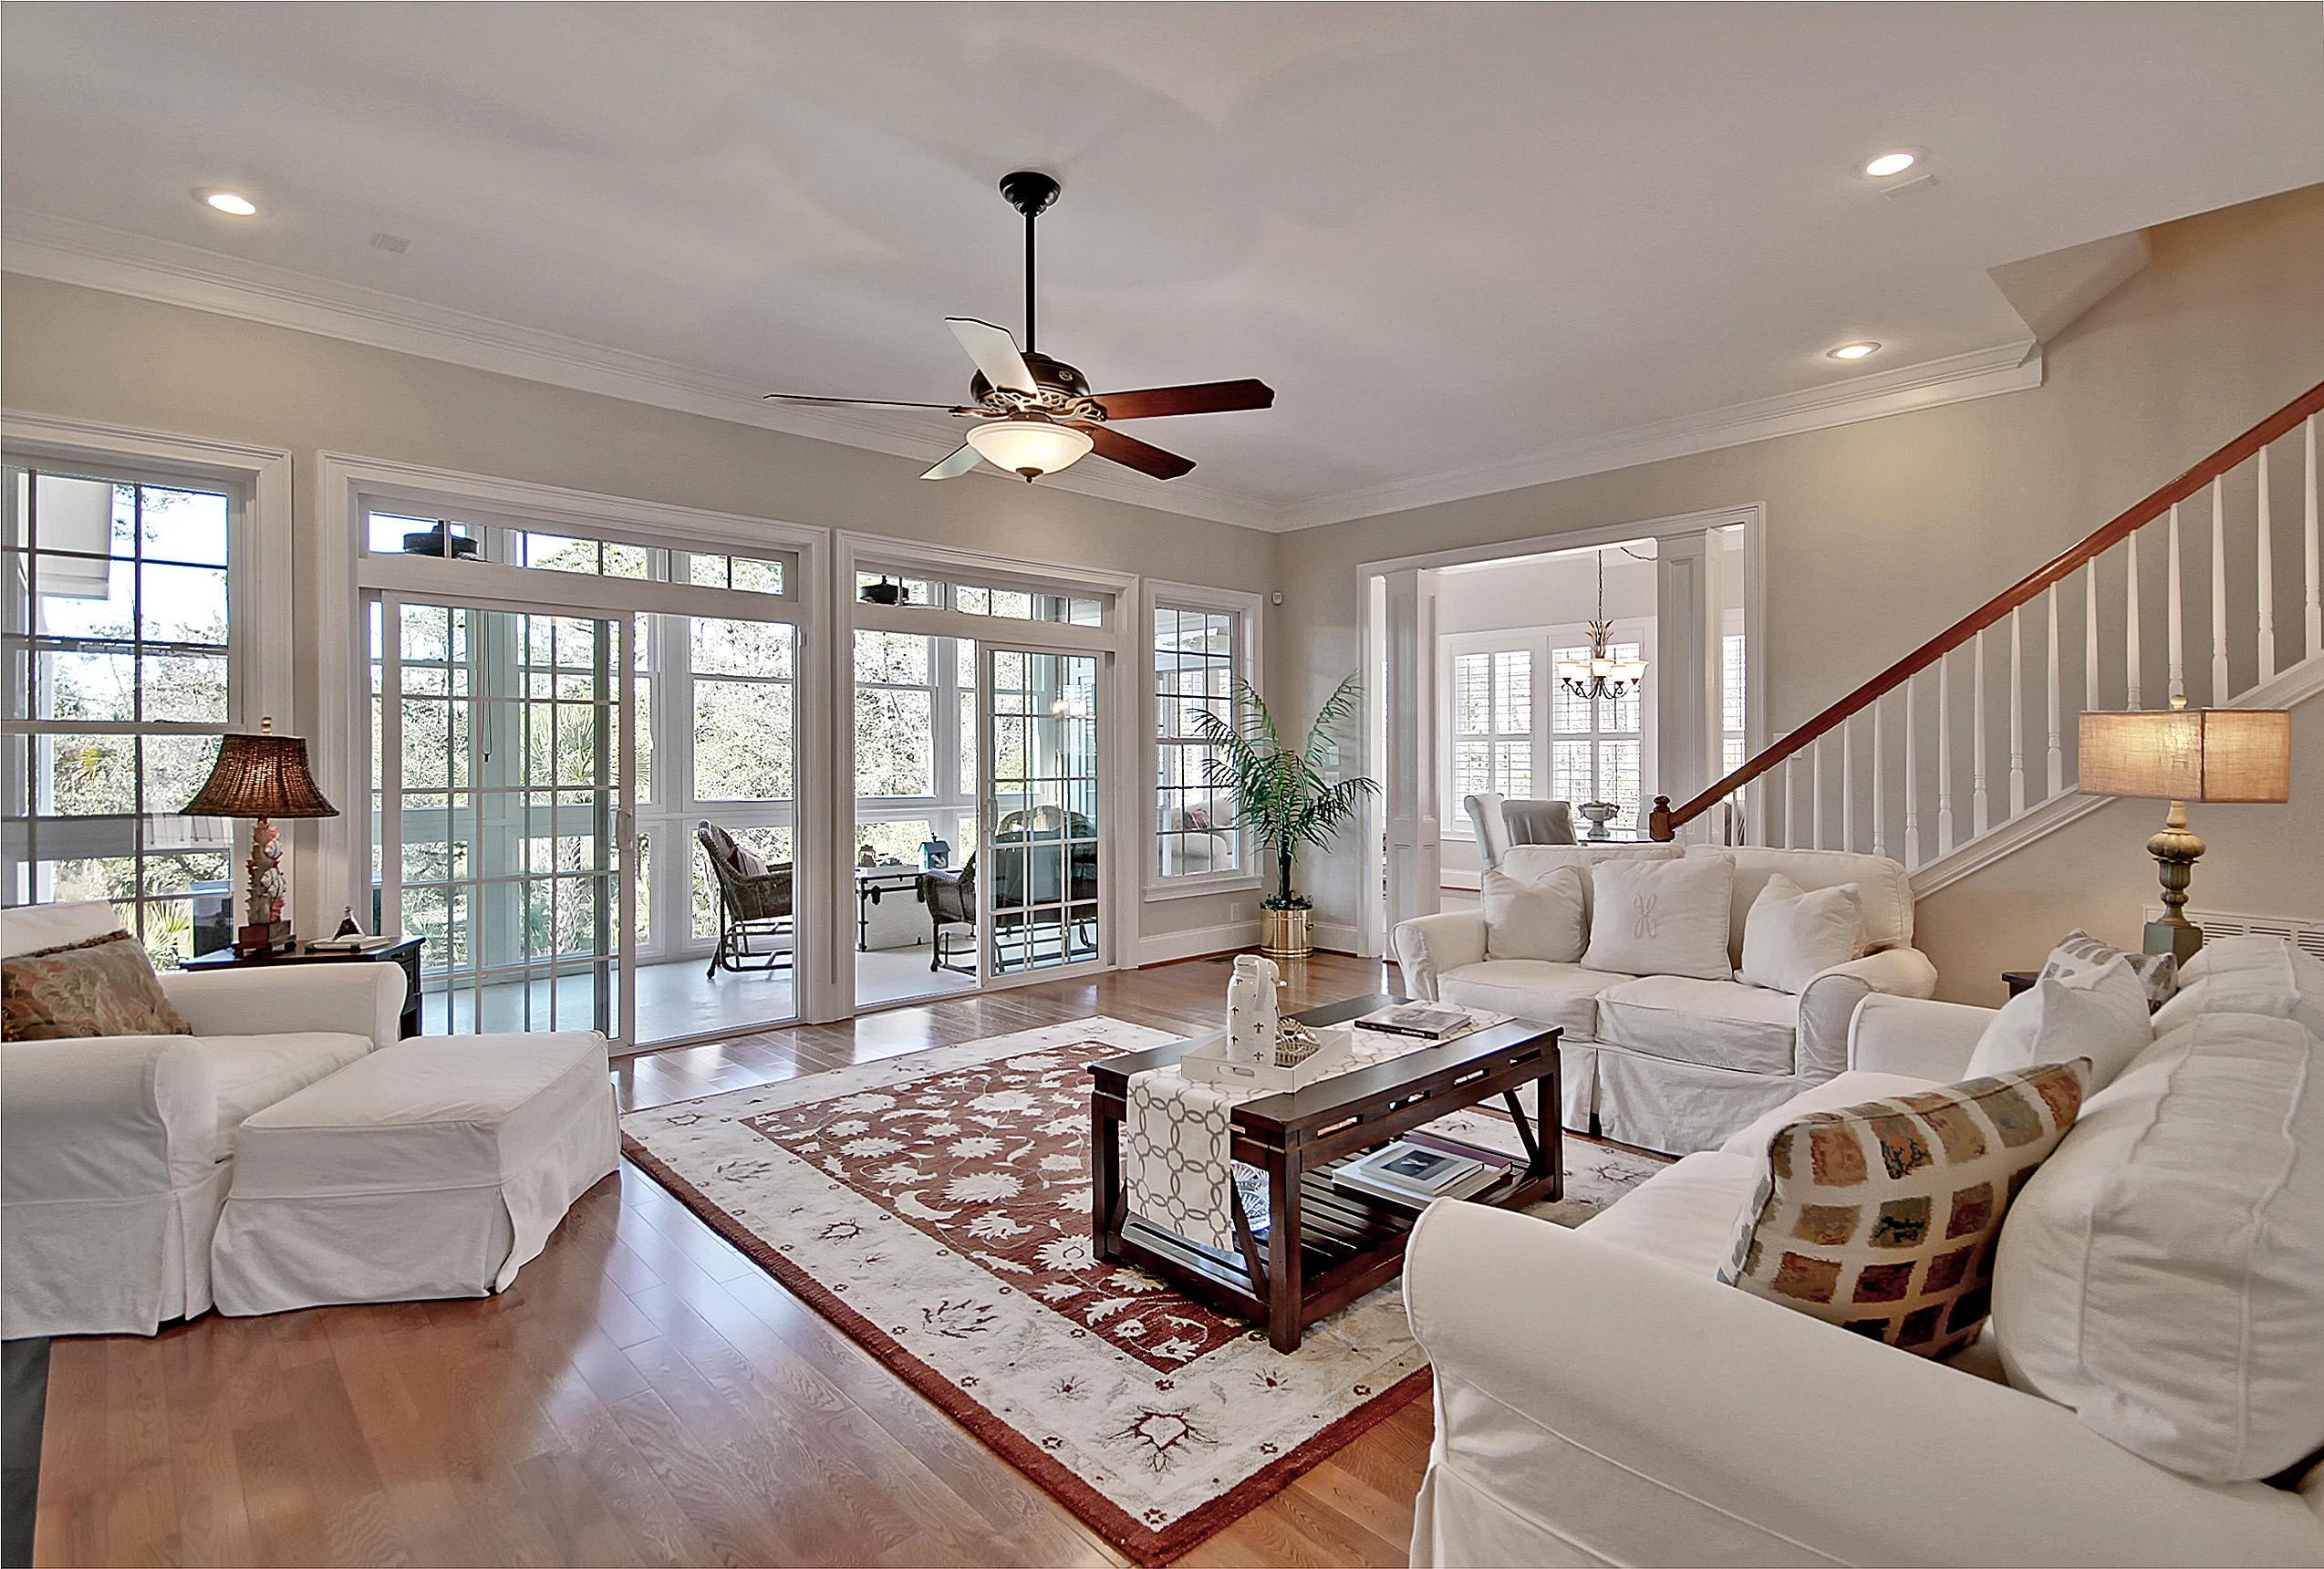 Dunes West Homes For Sale - 2721 Fountainhead, Mount Pleasant, SC - 21